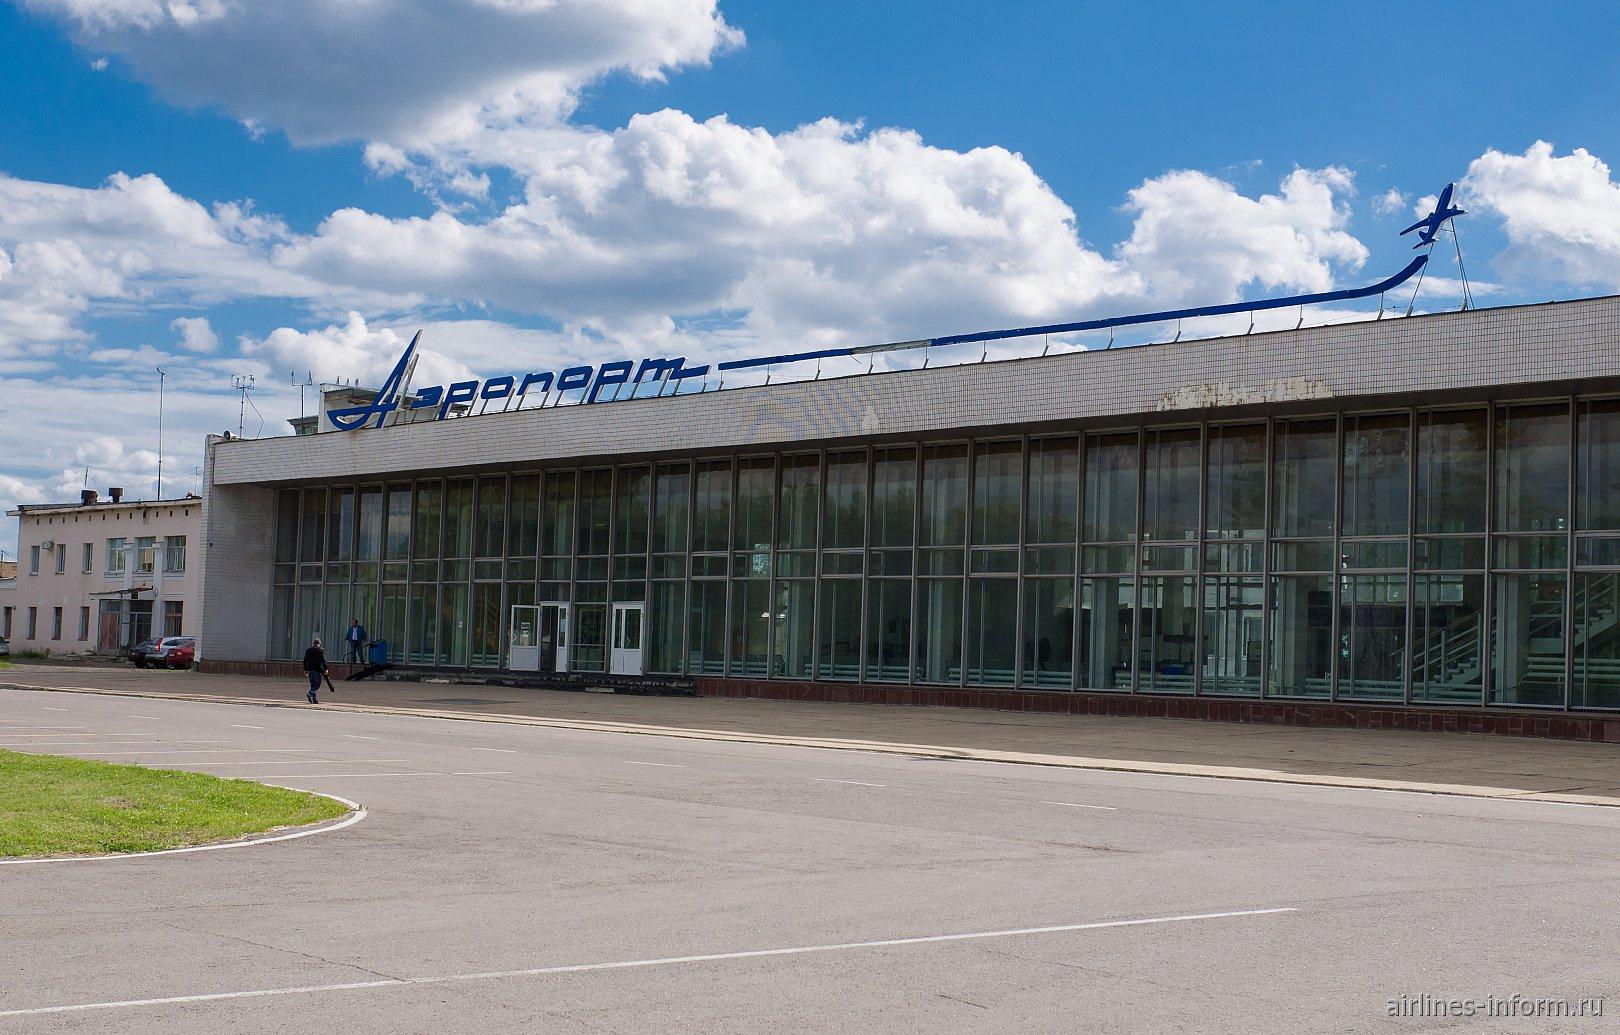 Аэровокзал аэропорта Тамбов Донское